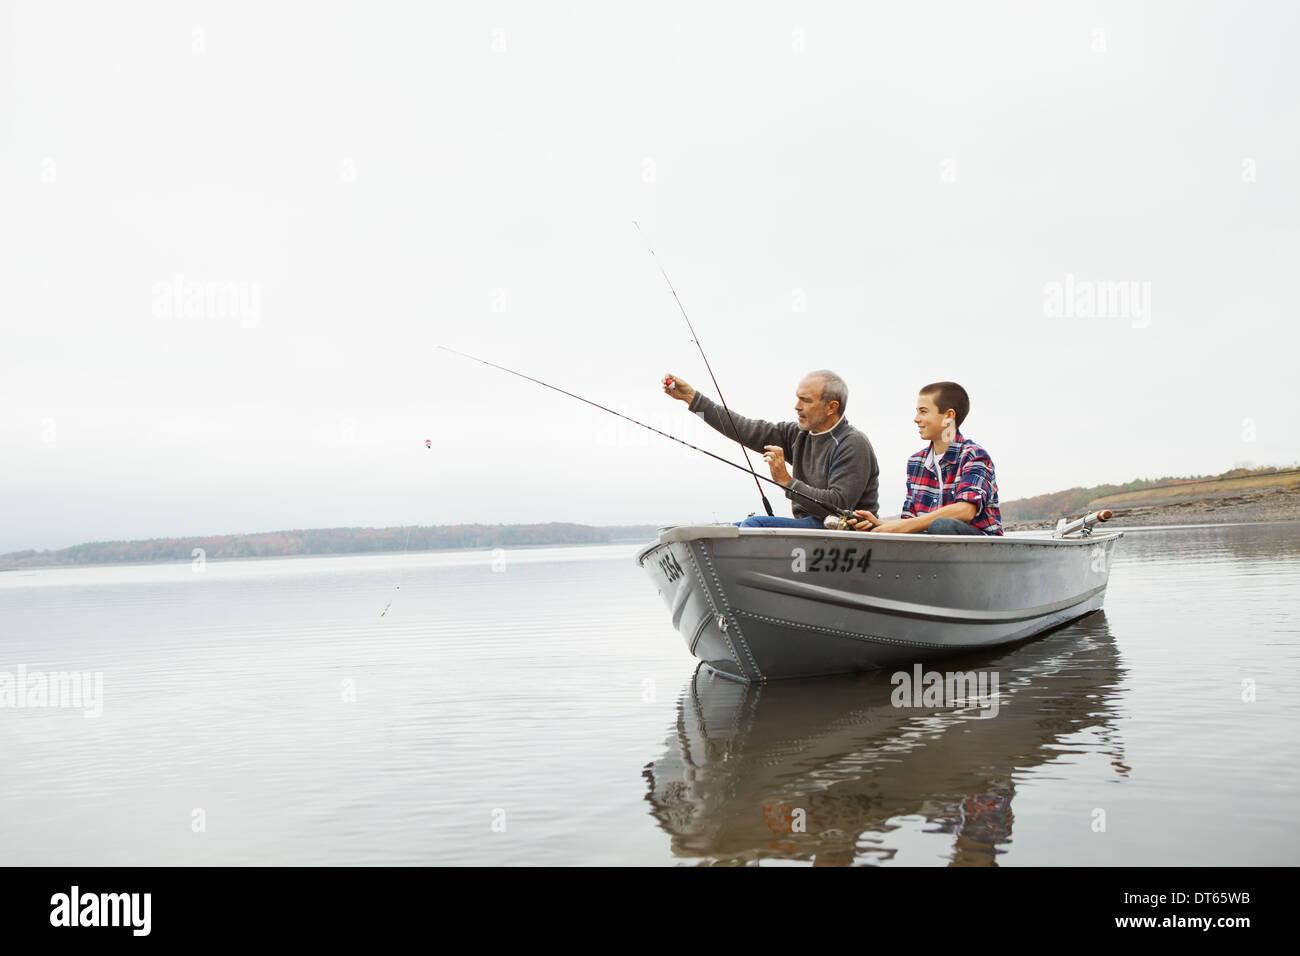 Un día en el lago de Ashokan. Un hombre y una adolescente de un barco de pesca. Imagen De Stock